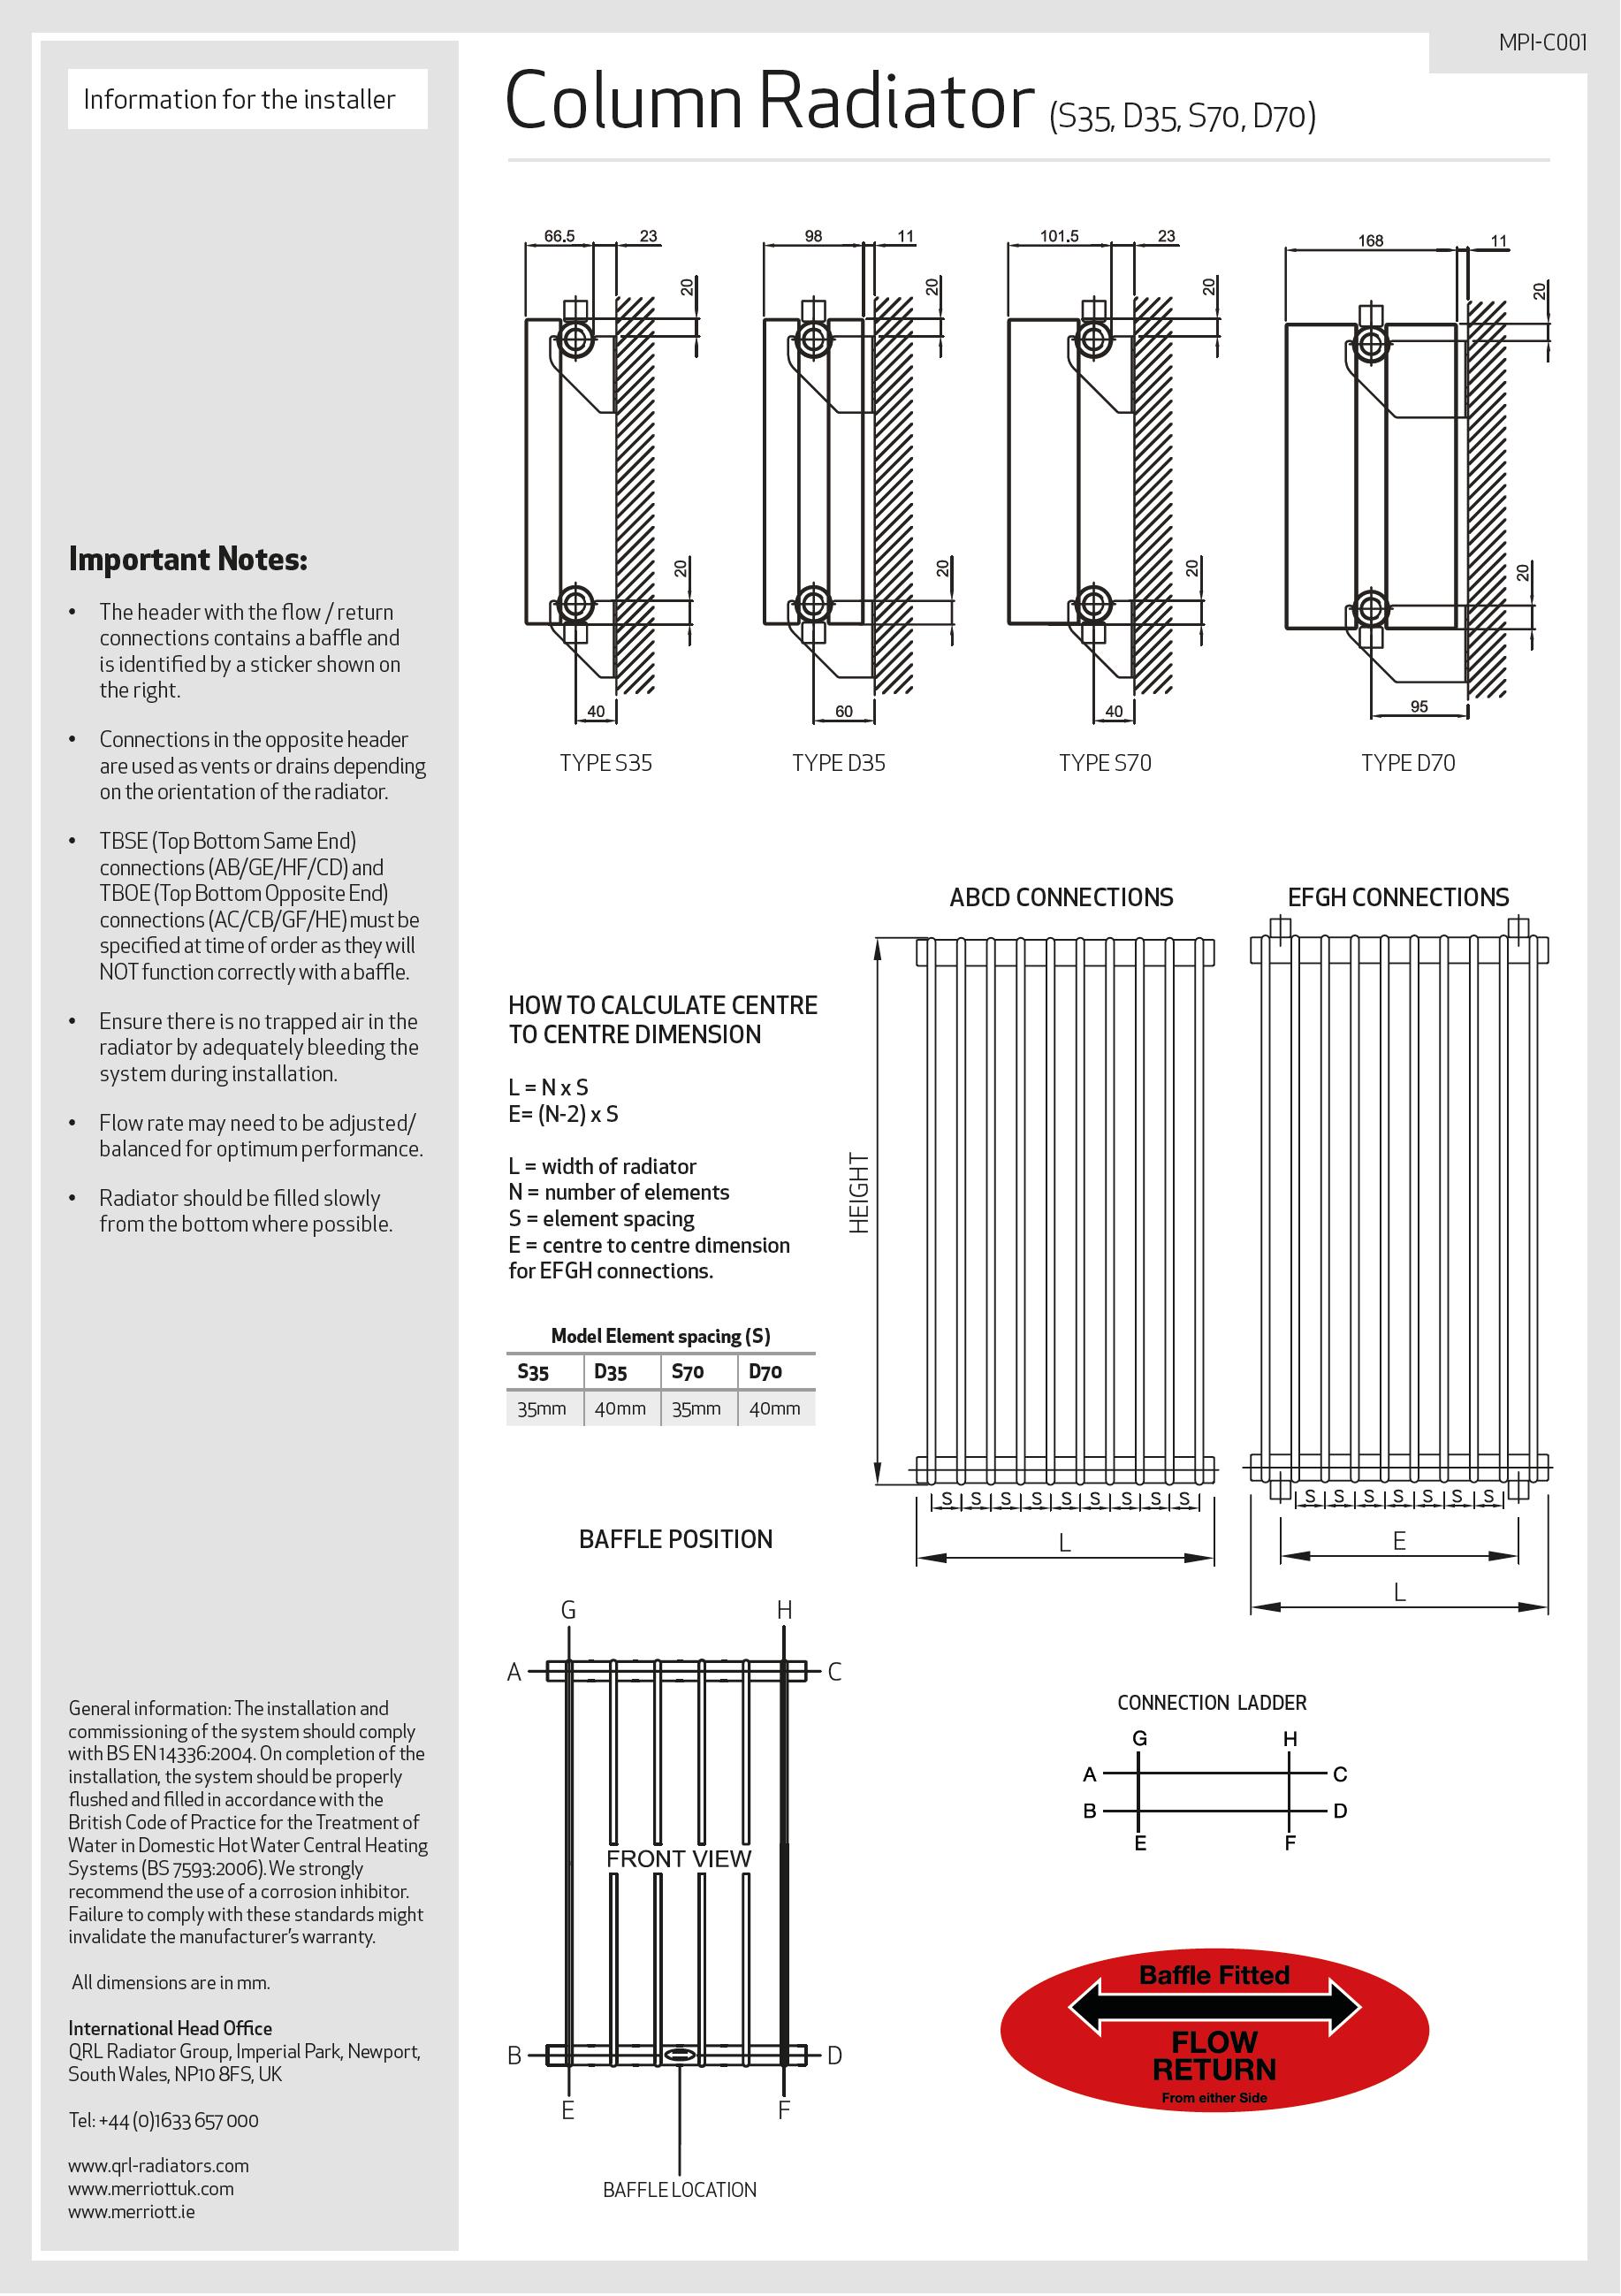 merriott-profile-instalation-sheet